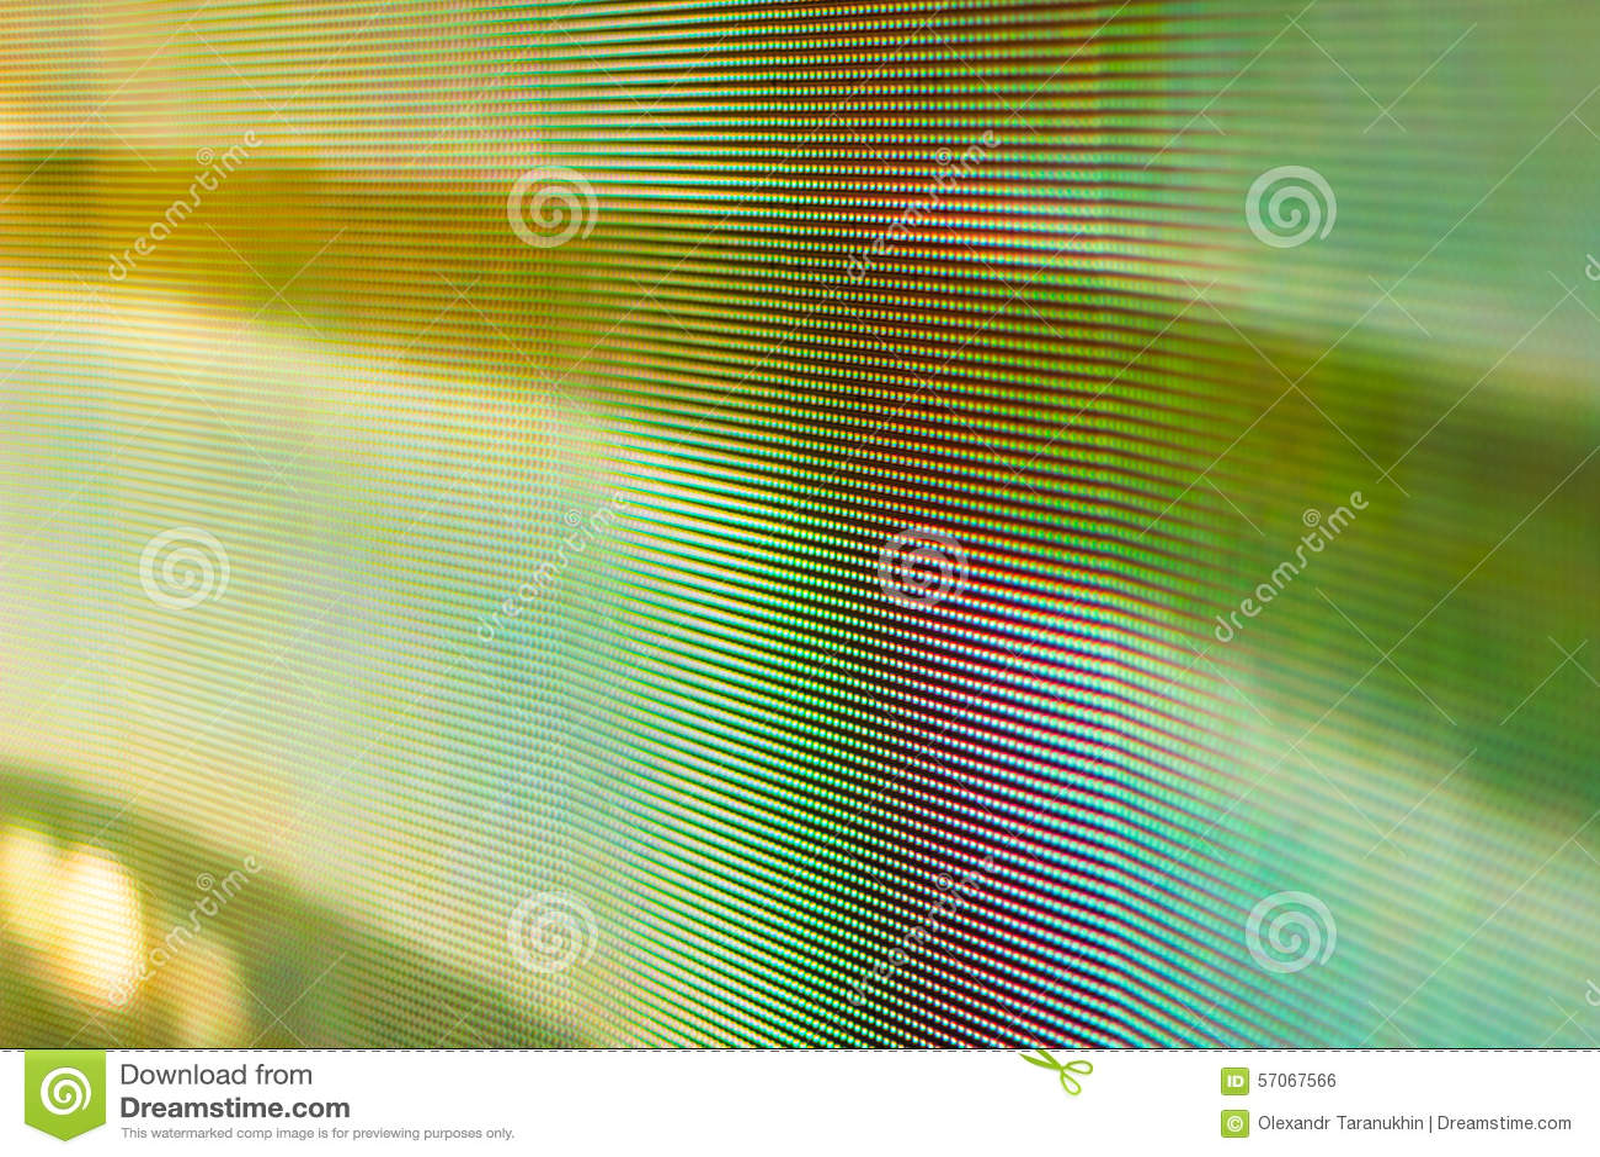 Gekleurd geel blured het Geleide smd scherm